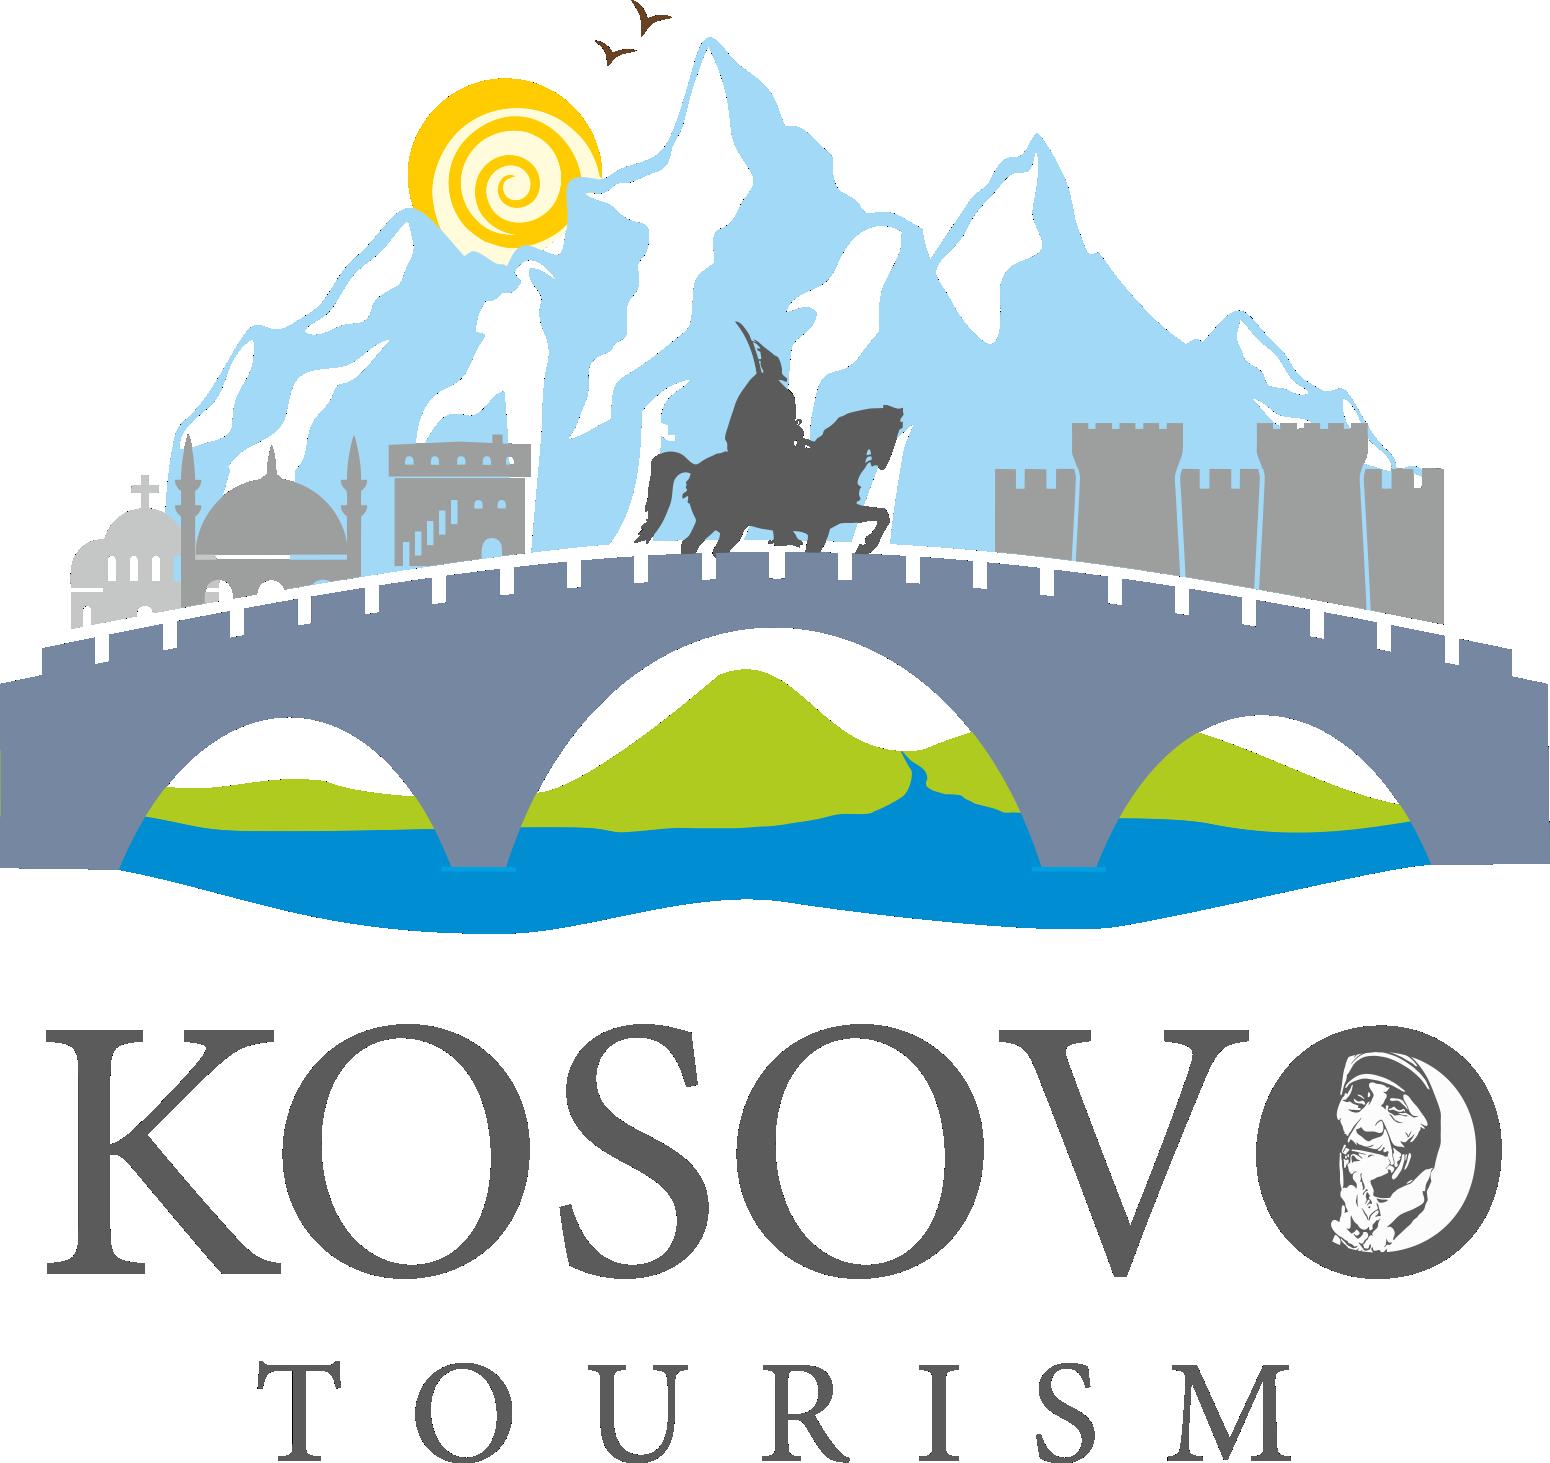 kosovo_tourism_logo